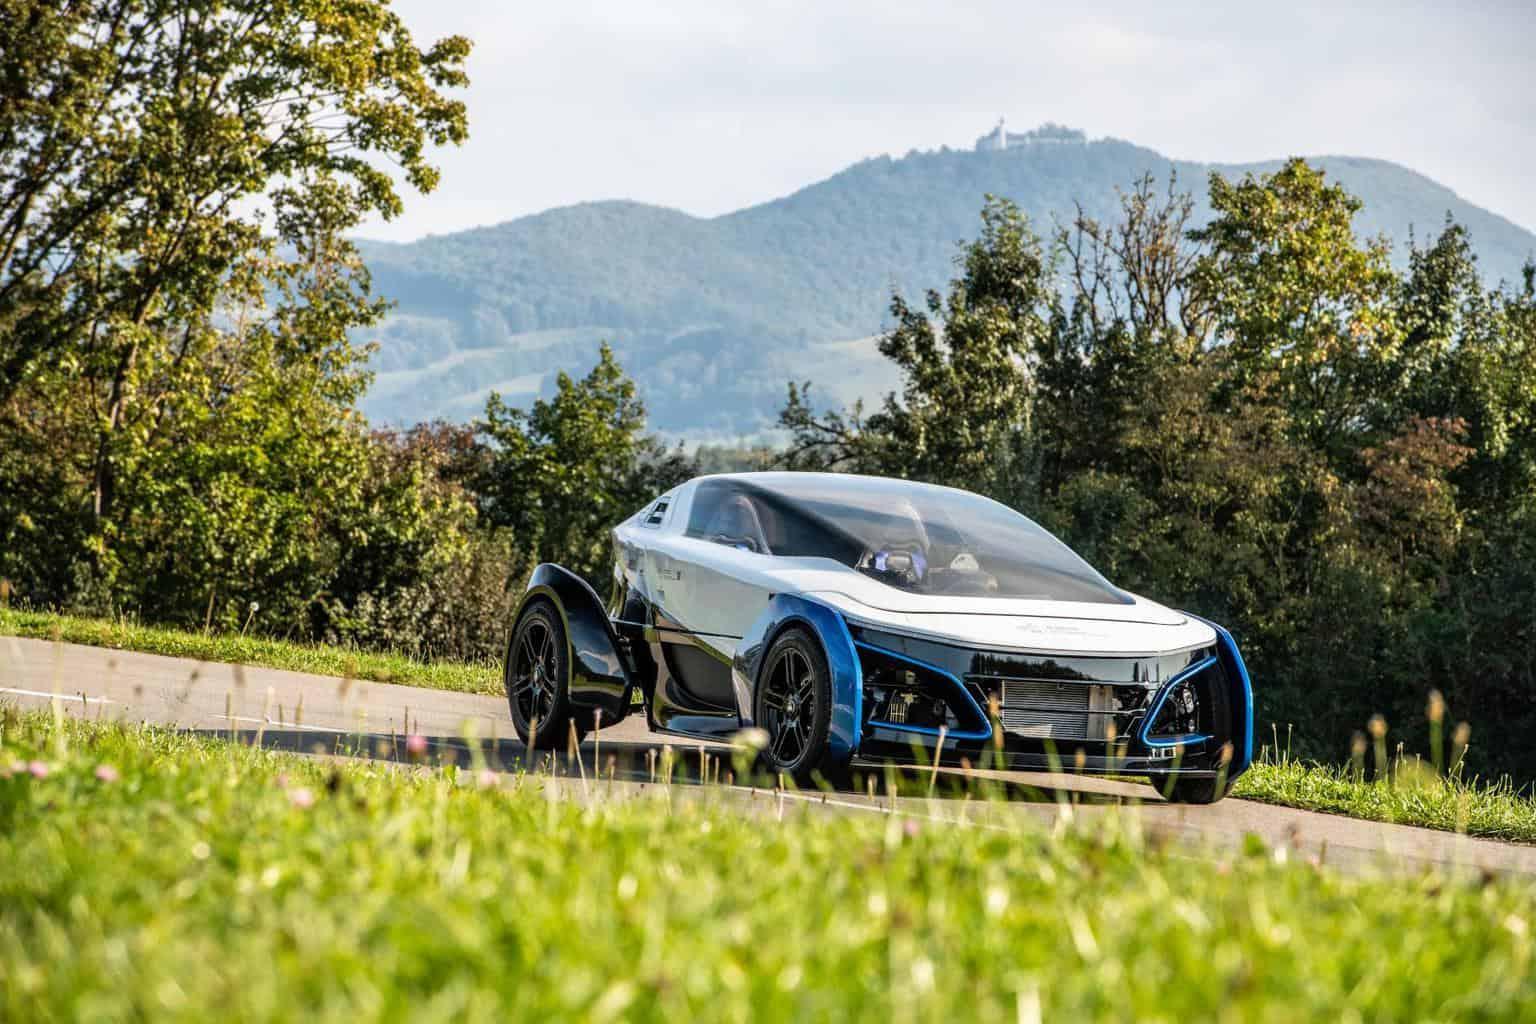 Futuristischer Brennstoffzellen-Zweisitzer SLRV mit 400 km Reichweite gesichtet